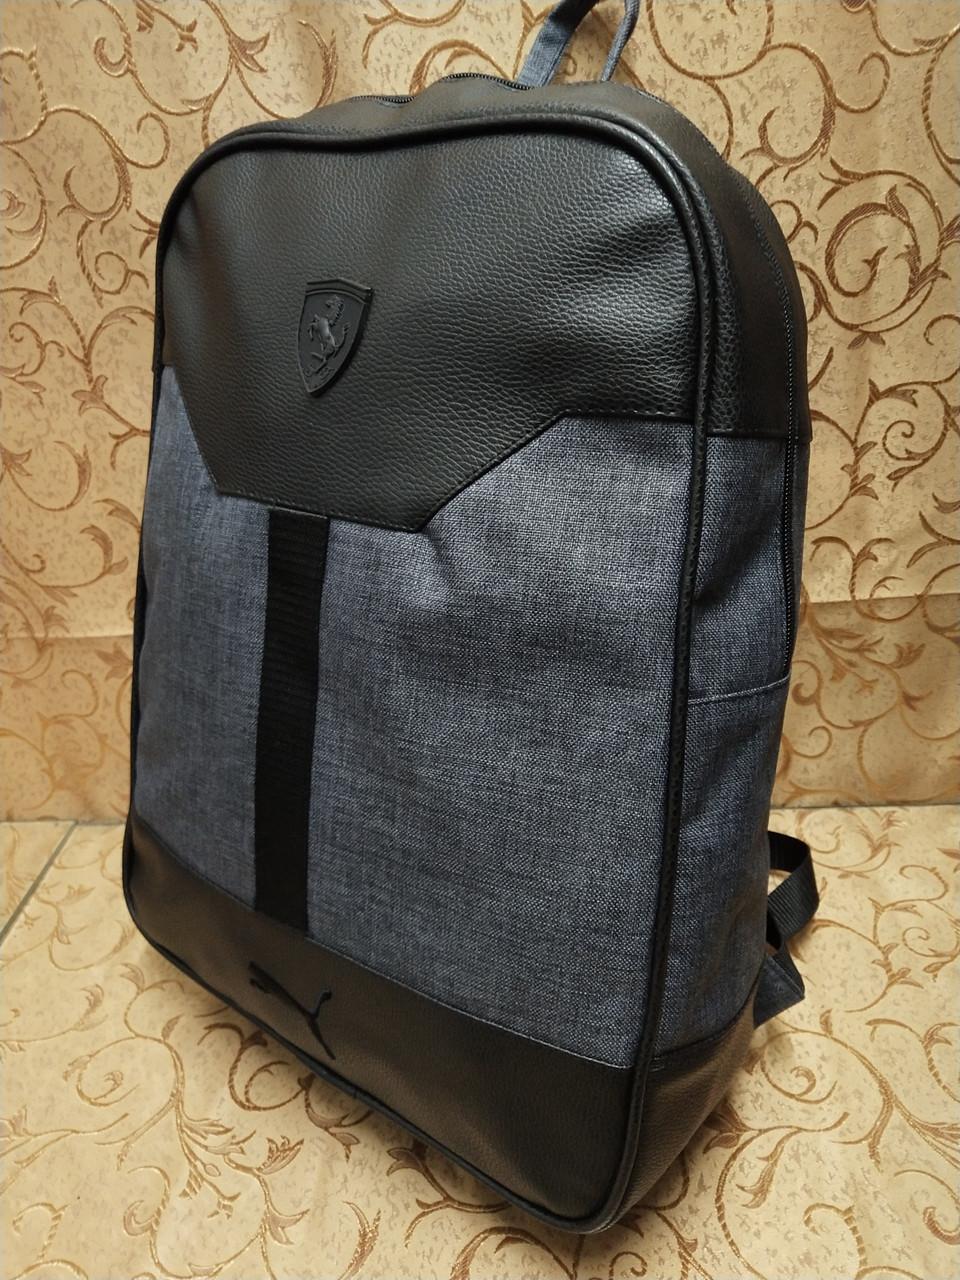 (47*32-боль)Рюкзак  Ferrar-PUMA мессенджер с кожаным дном спортивный городской стильный только ОПТ